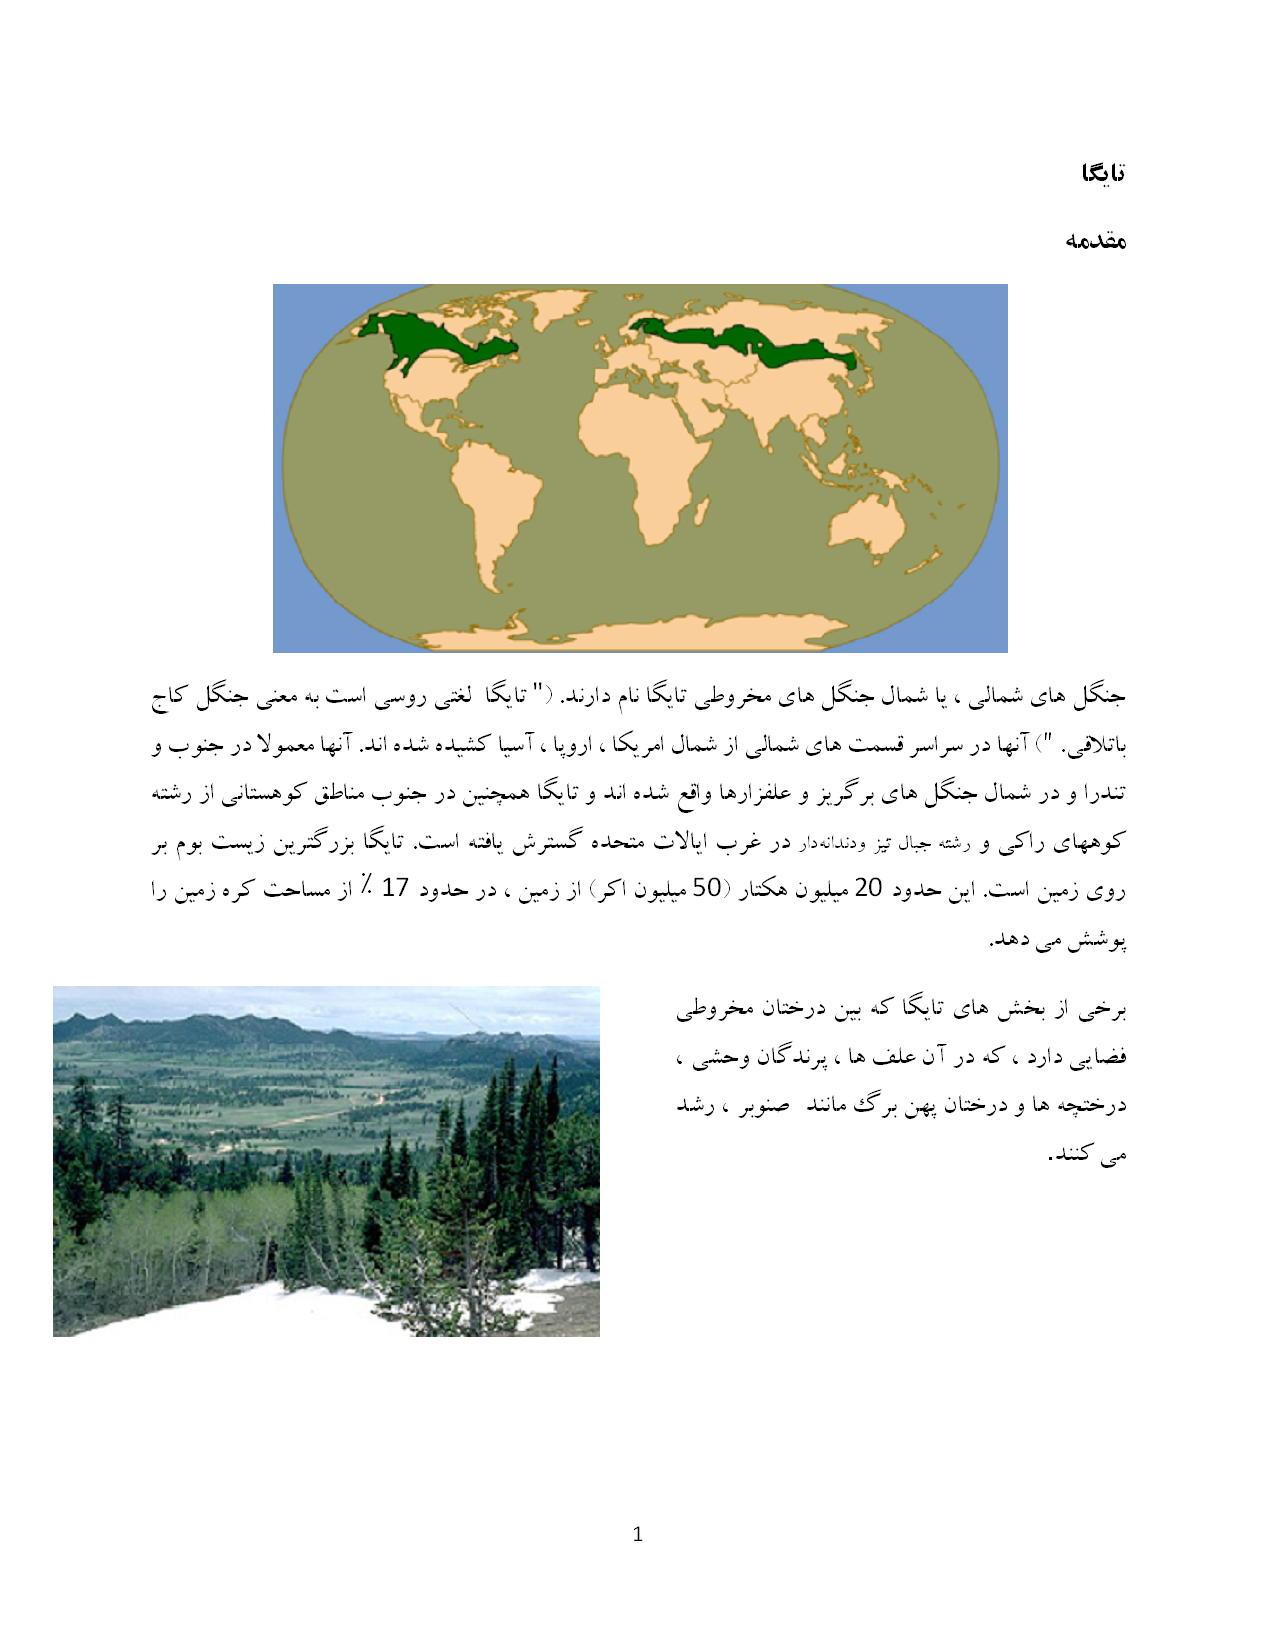 ترجمه مقاله و تحقیق - مطالعه منطقه تایگا8